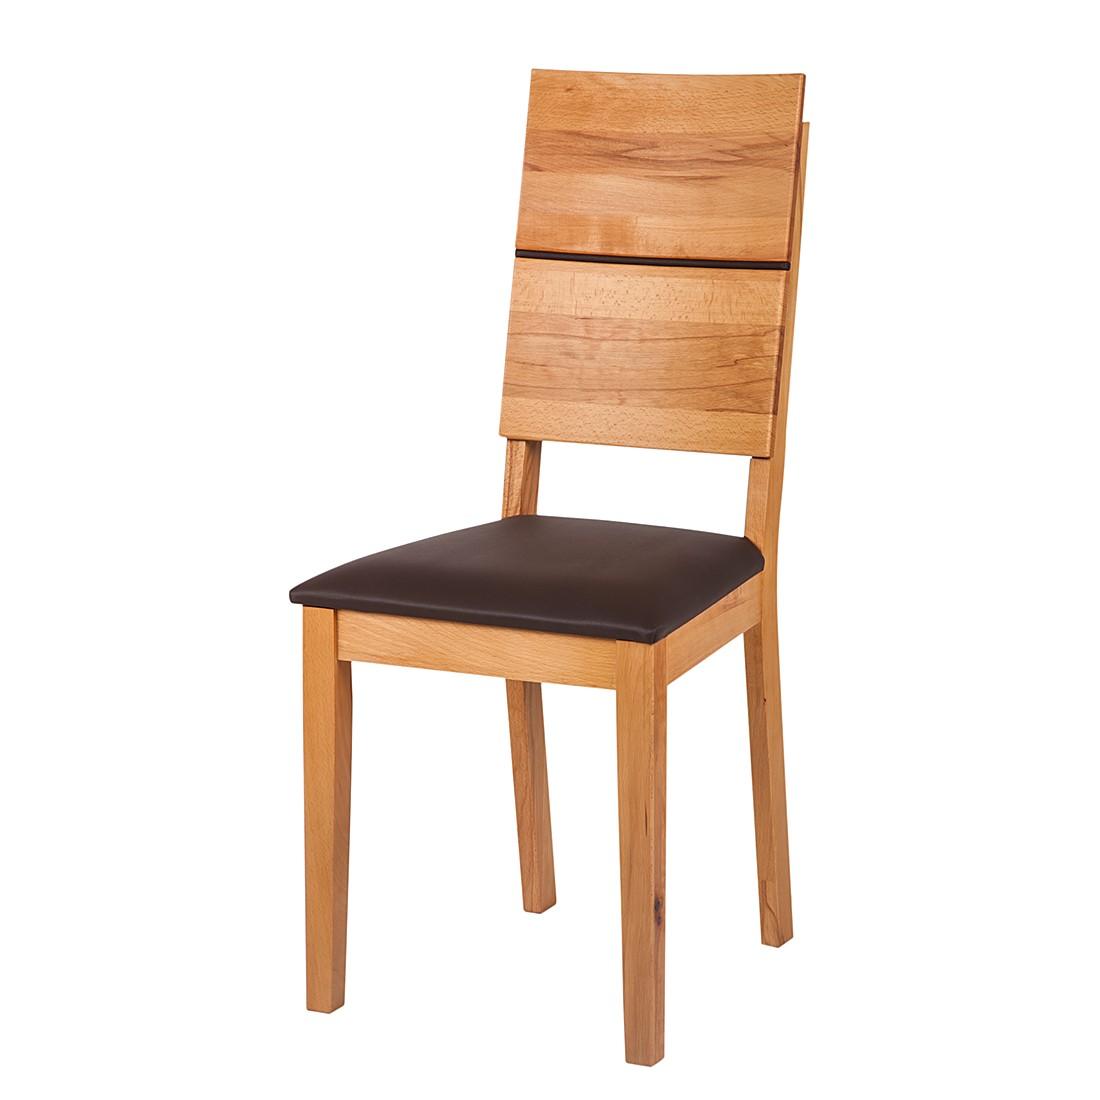 stuhl richwood 2er set kernbuche massiv kunstleder braun ars natura online bestellen. Black Bedroom Furniture Sets. Home Design Ideas